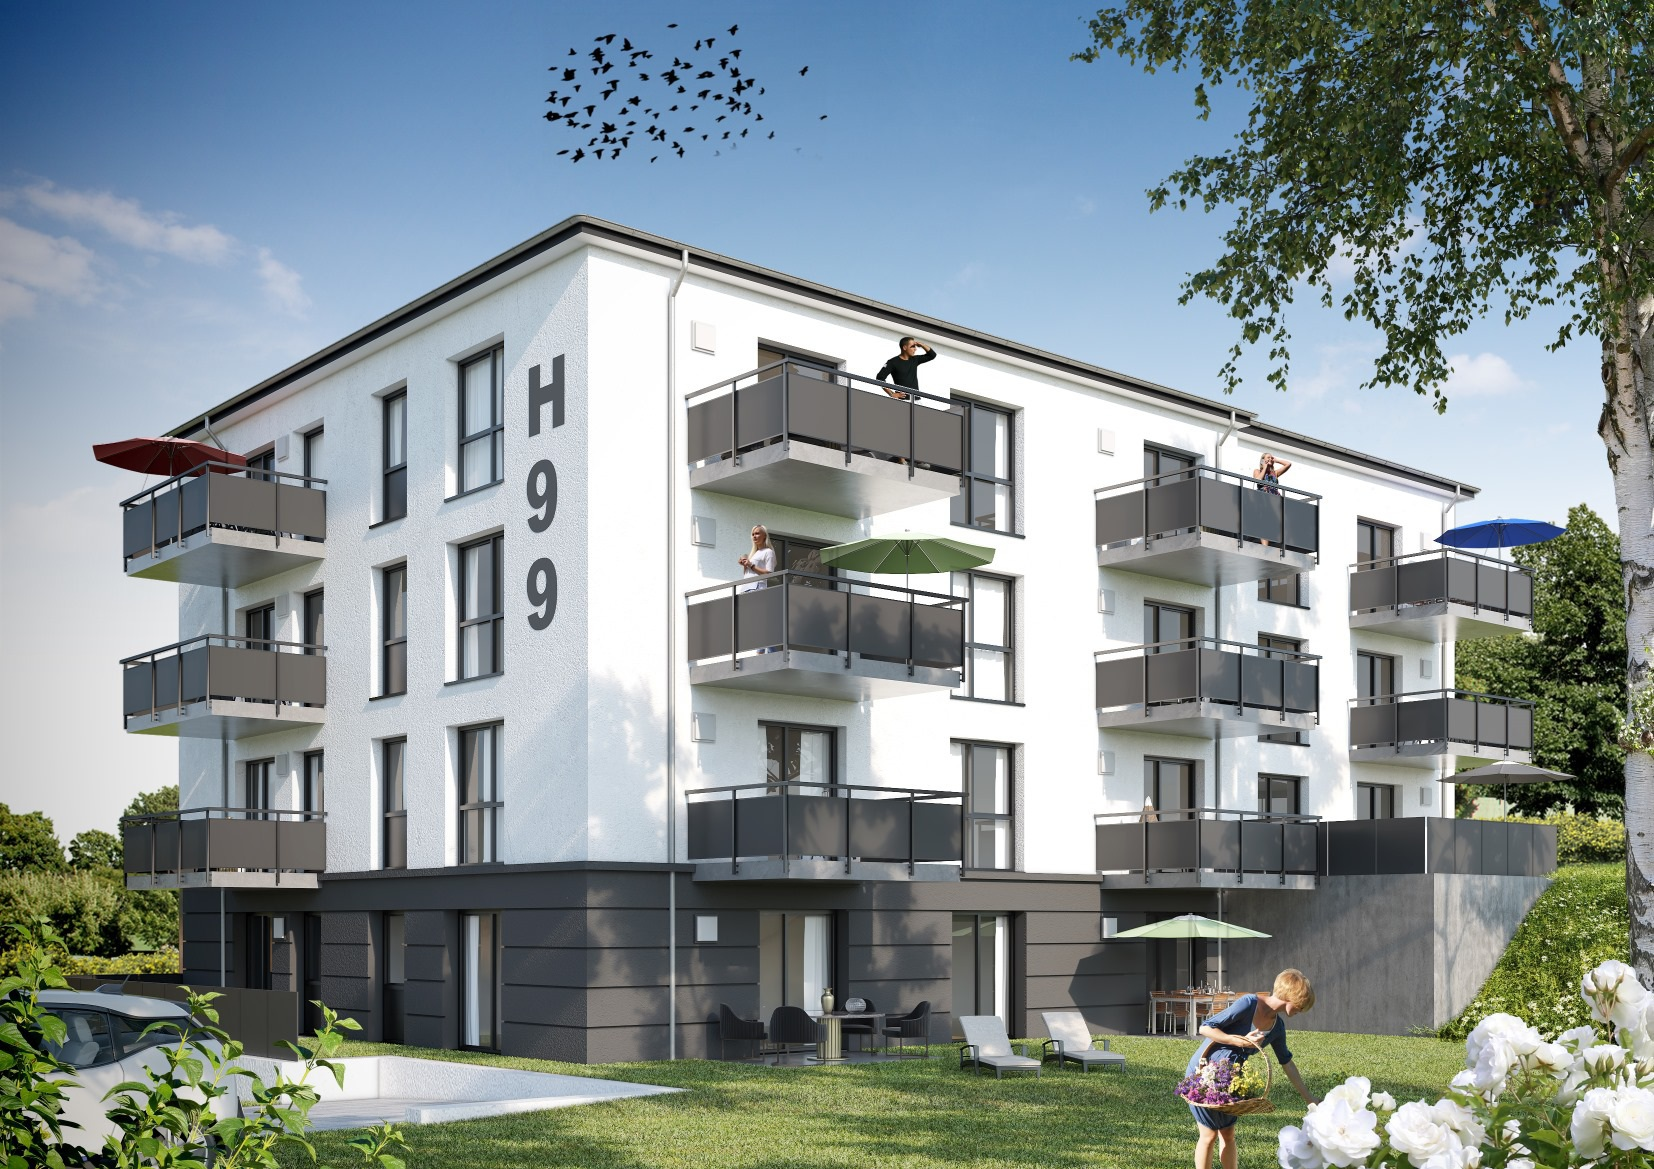 Mehrfamilienhaus in Lennestadt/Altenhundem